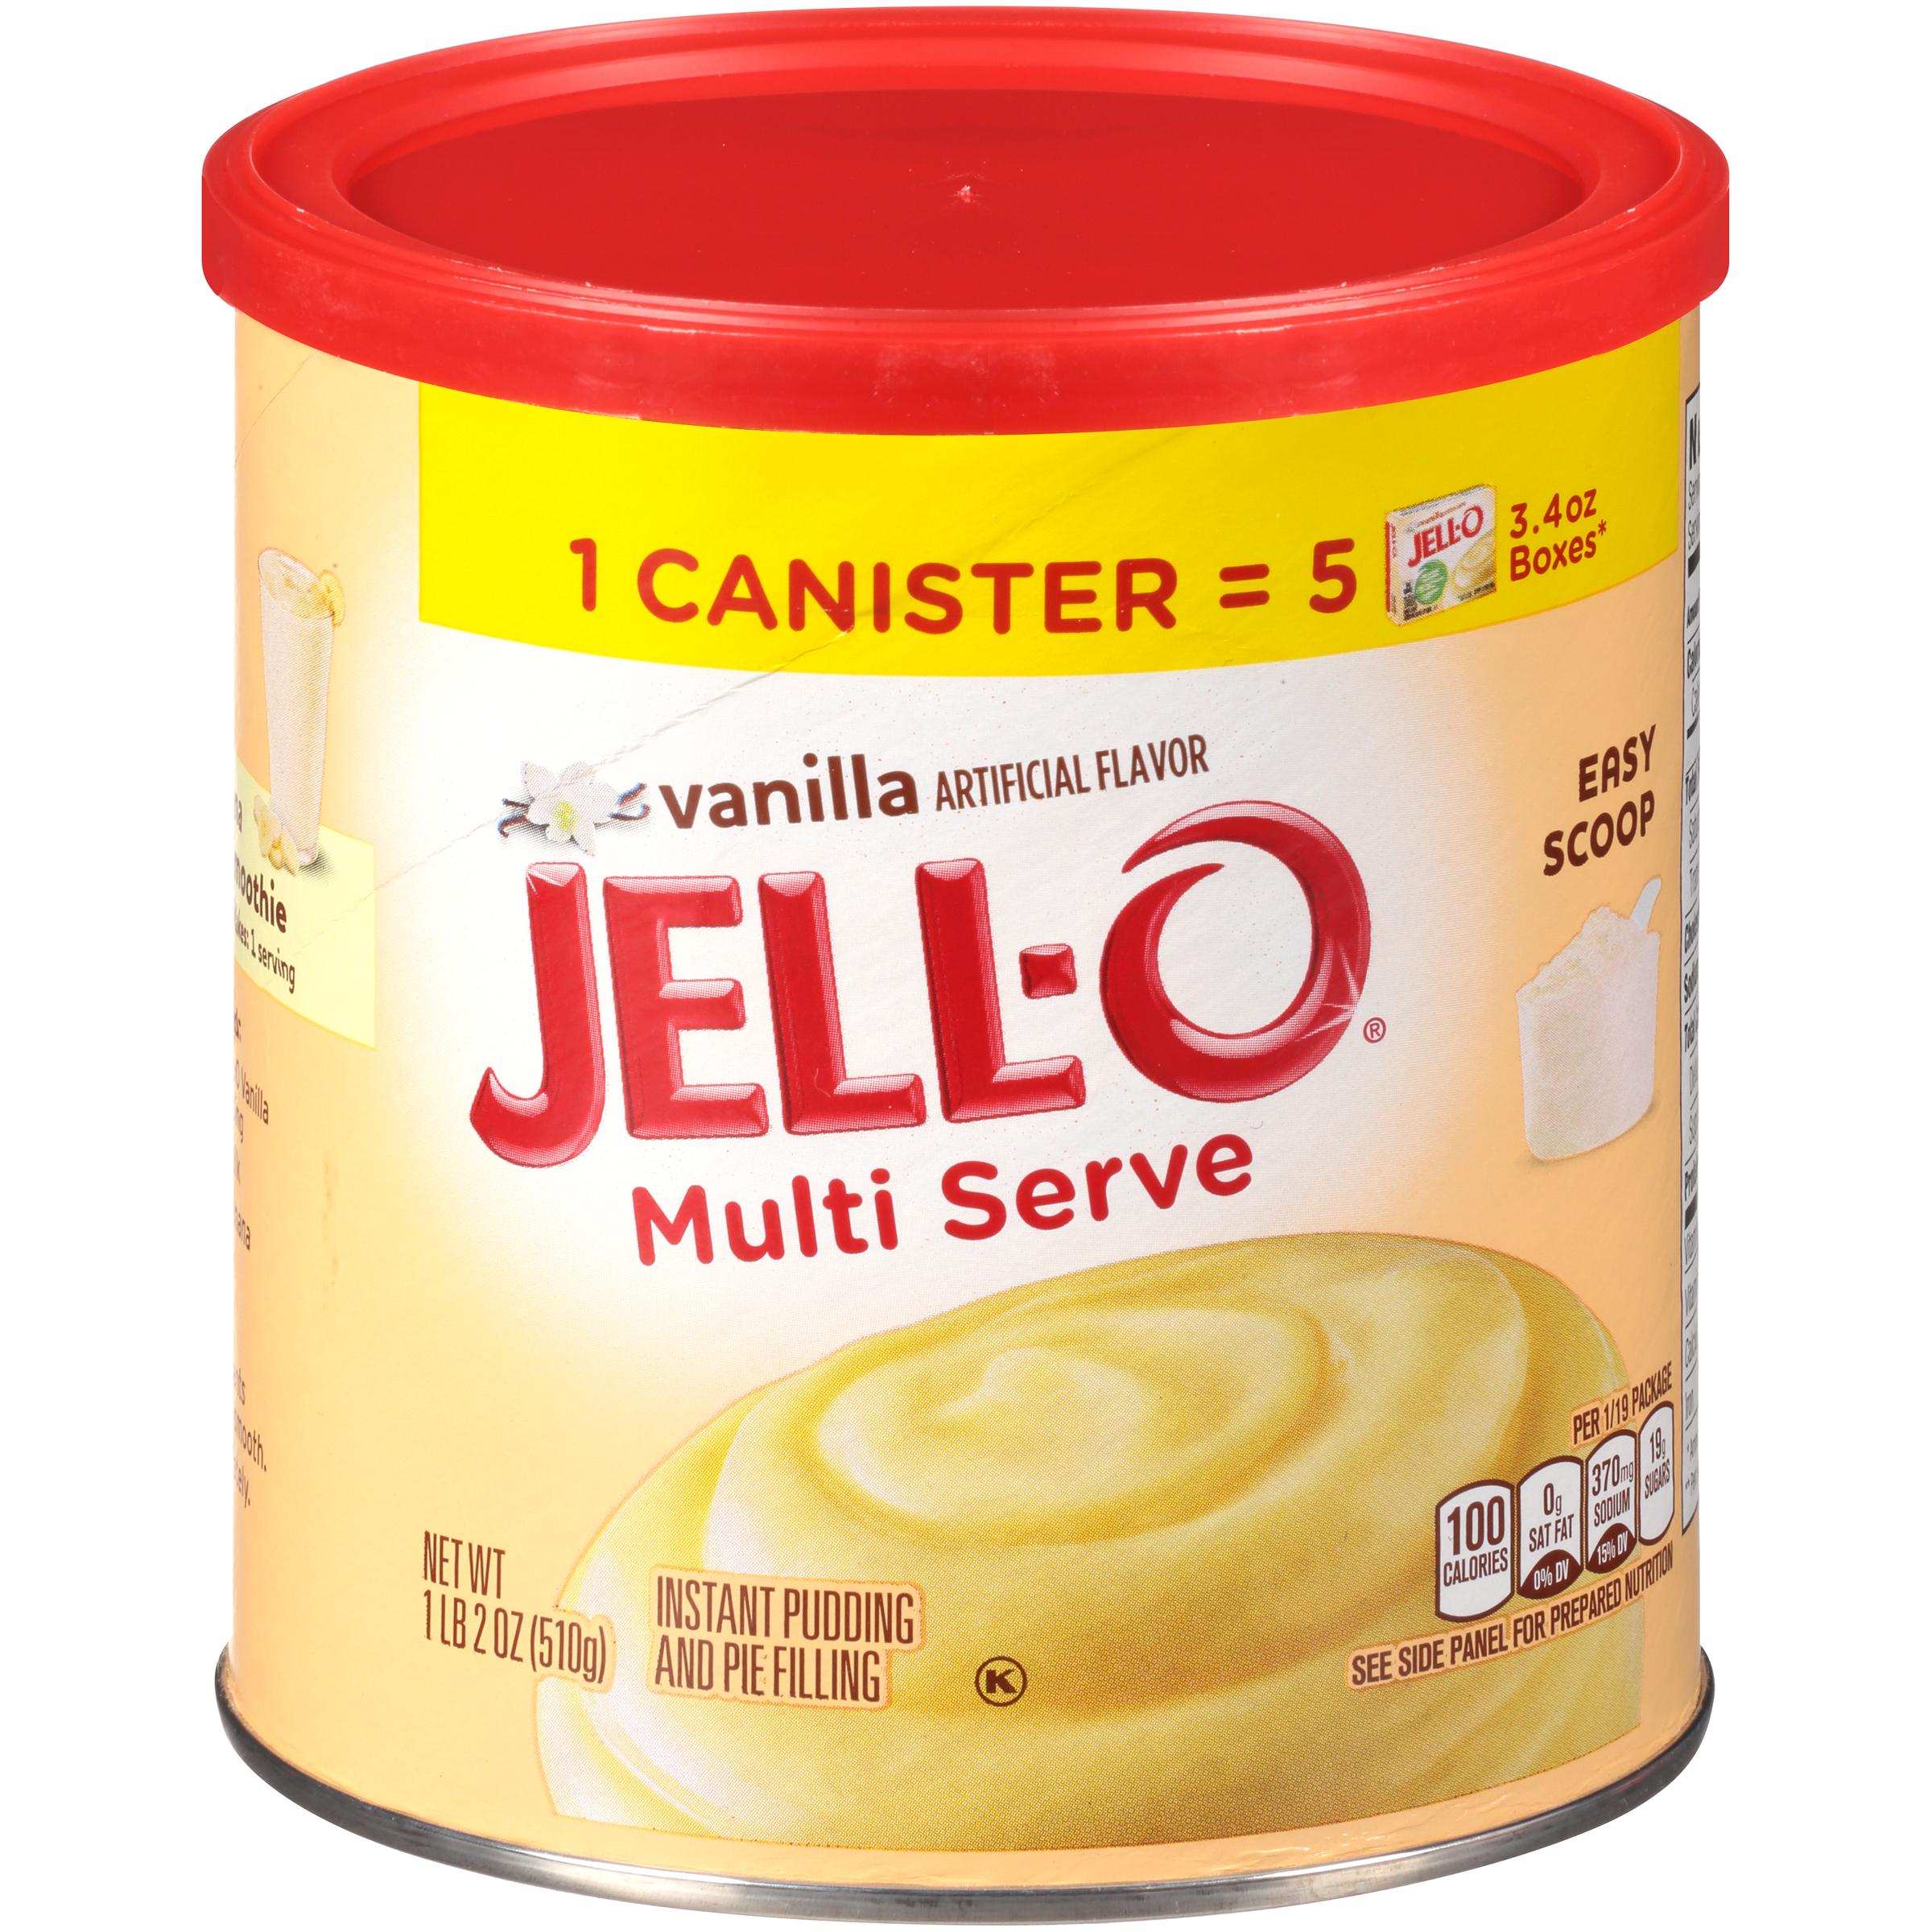 Jell-O Multi Serve Vanilla Instant Pudding & Pie Filling